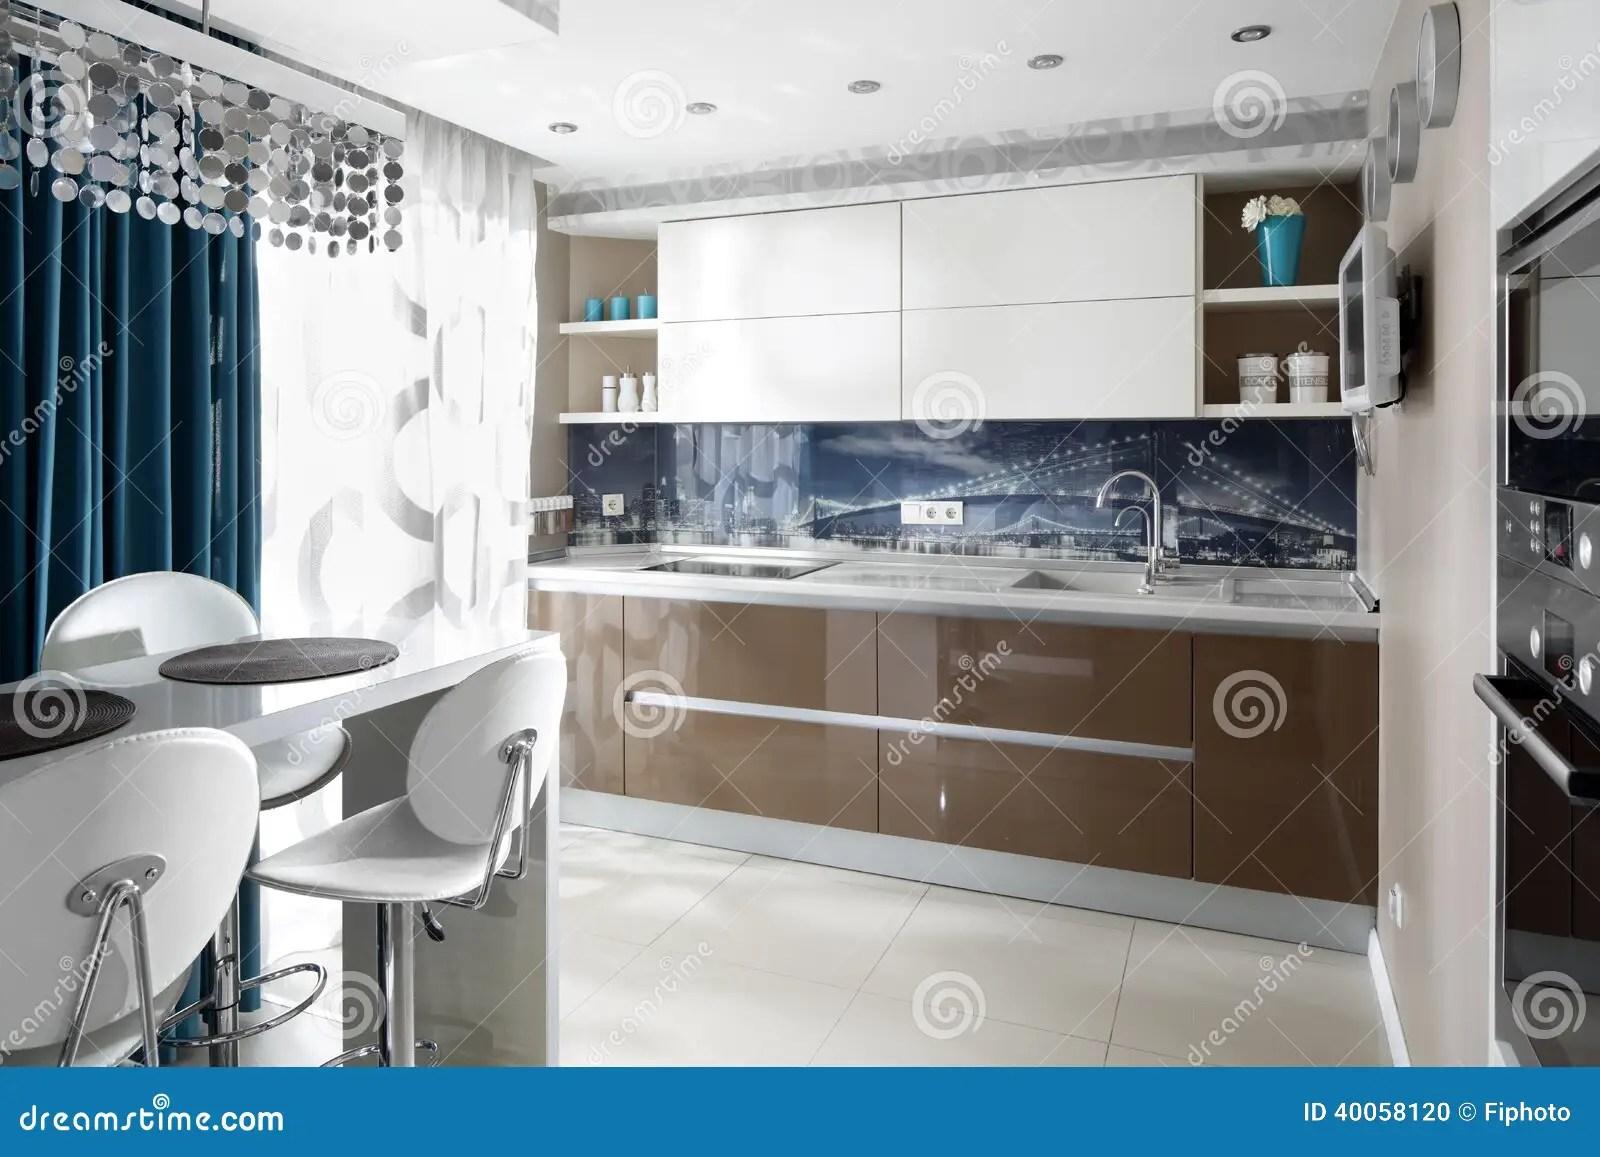 european kitchens purple kitchen decor 现代欧洲厨房内部库存照片 图片包括有家具 装饰 国内 现代 内部 没 明亮的厨房美好和式样内部